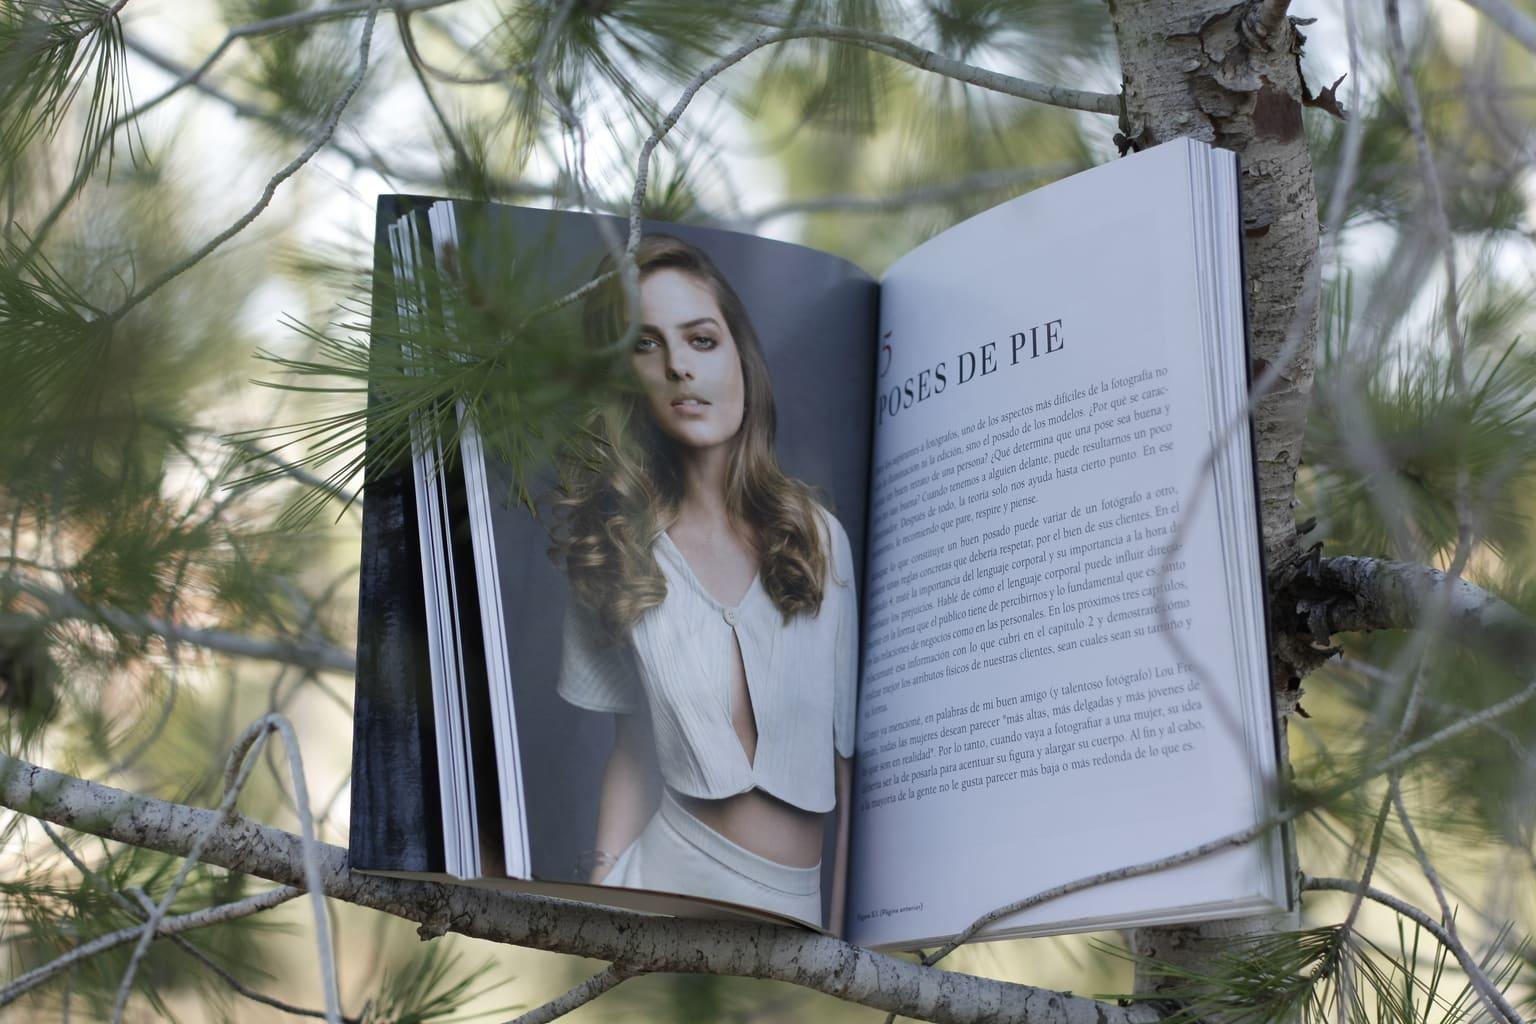 fotografía belleza libro fotografíar a la mujer